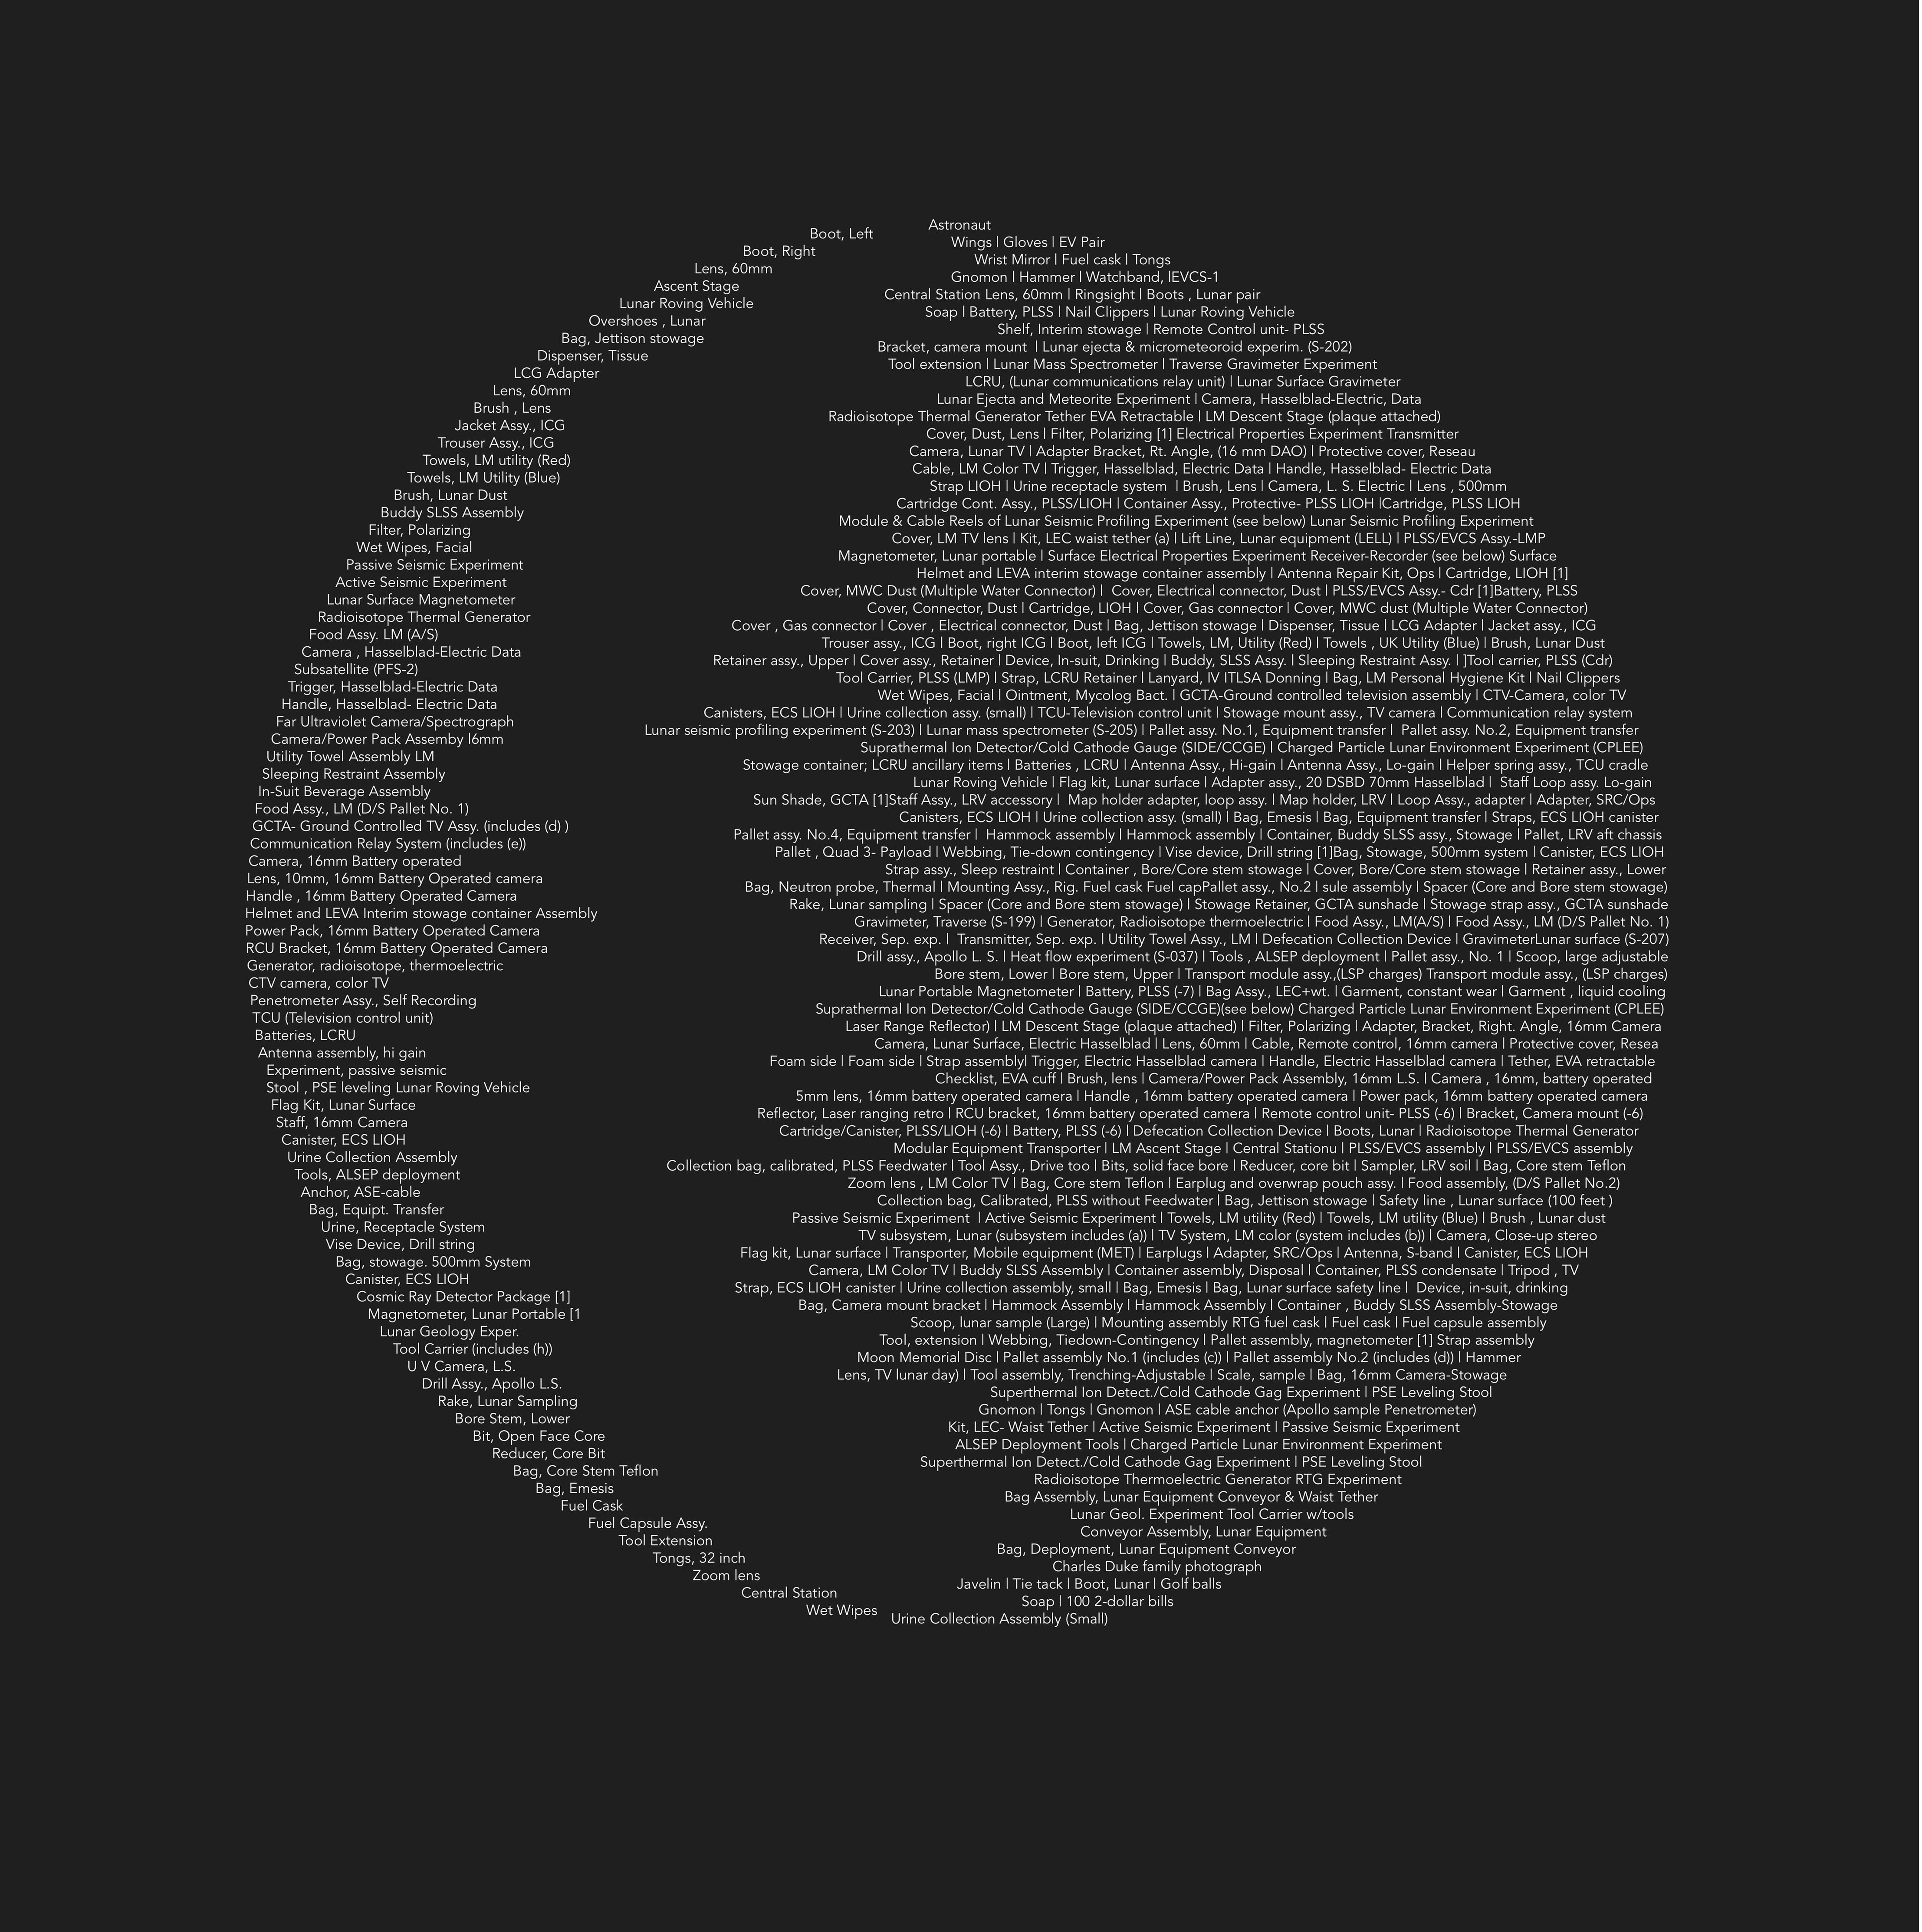 010 MoonTrash 01